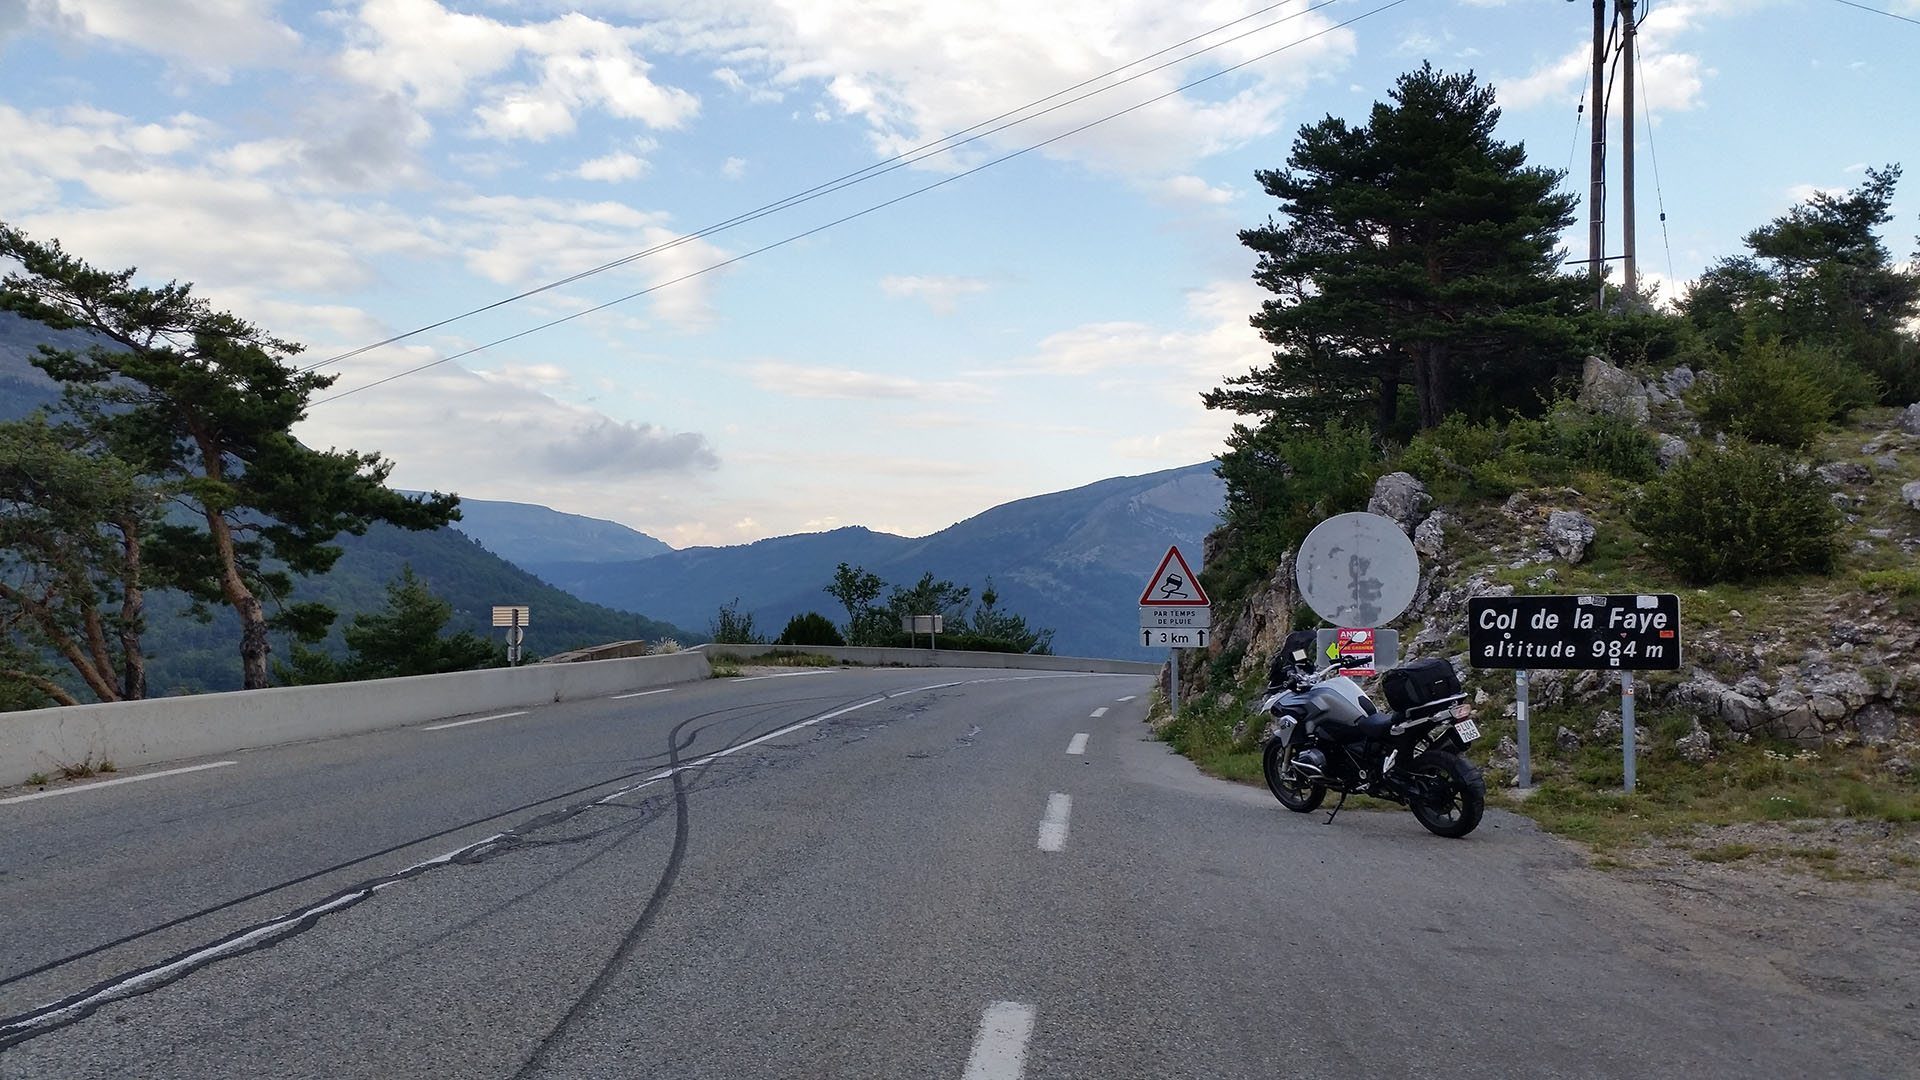 0984 - F - Col de la Faye